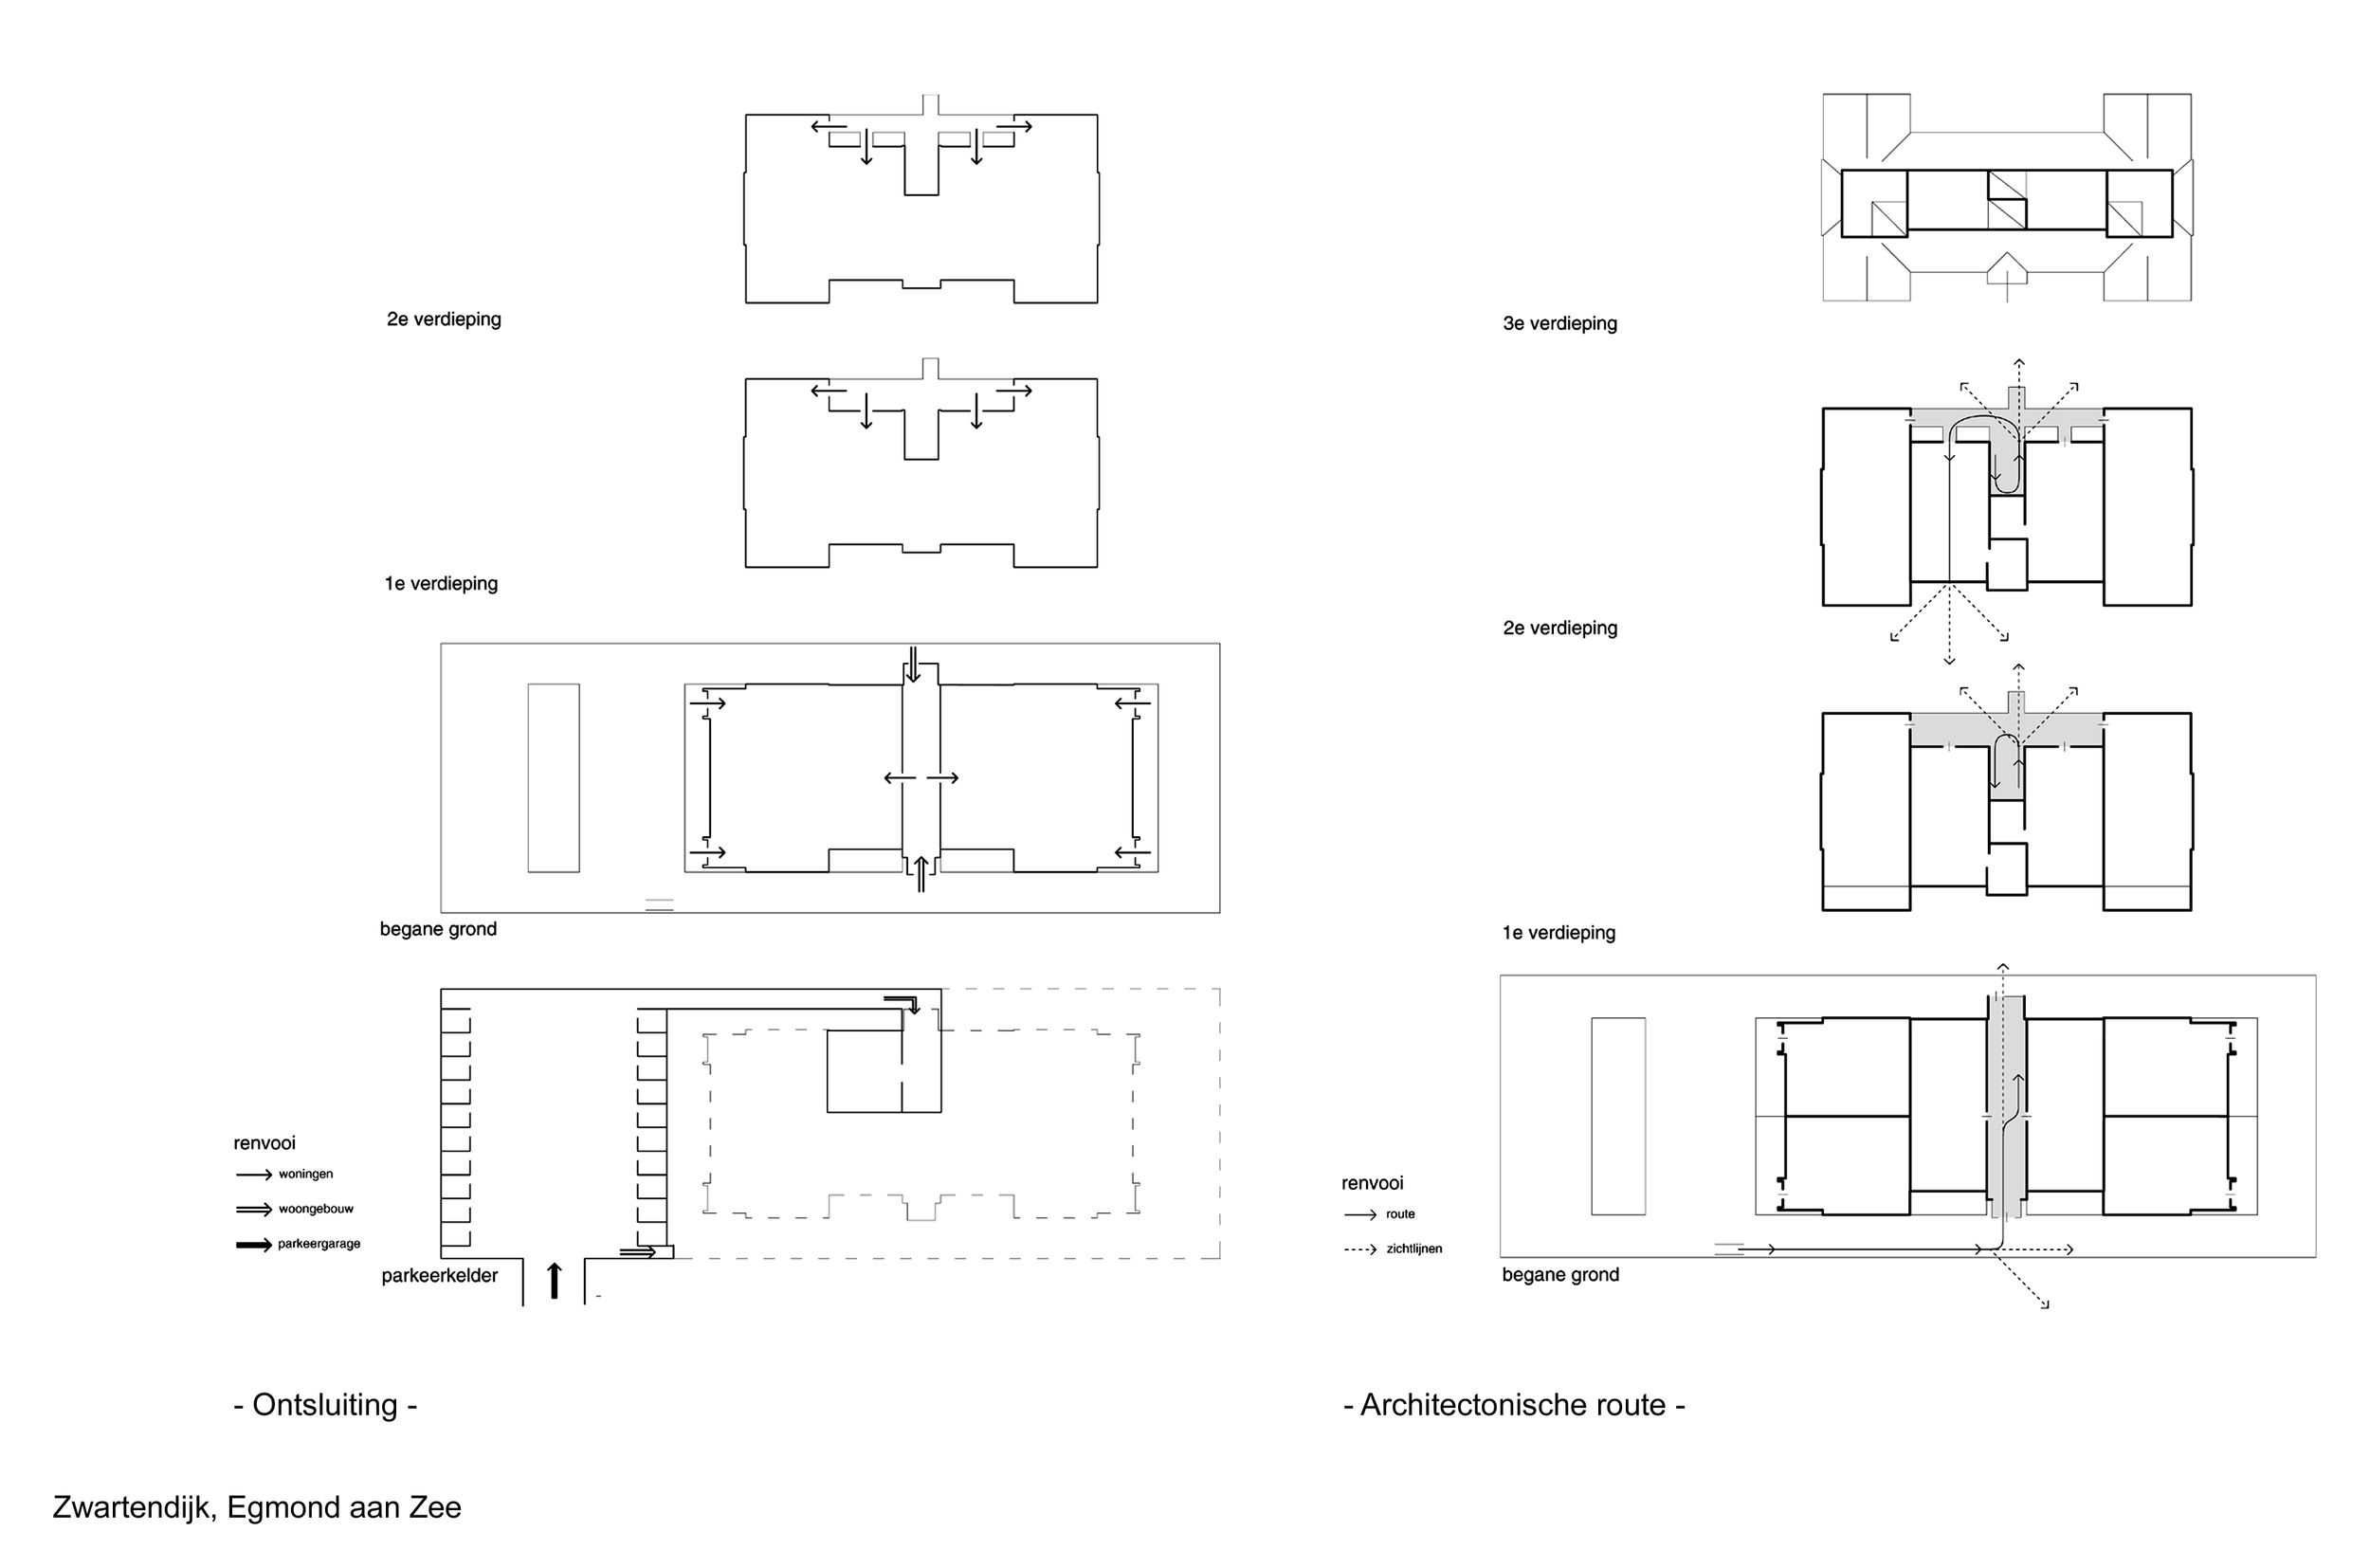 Koloniehuis schema 2